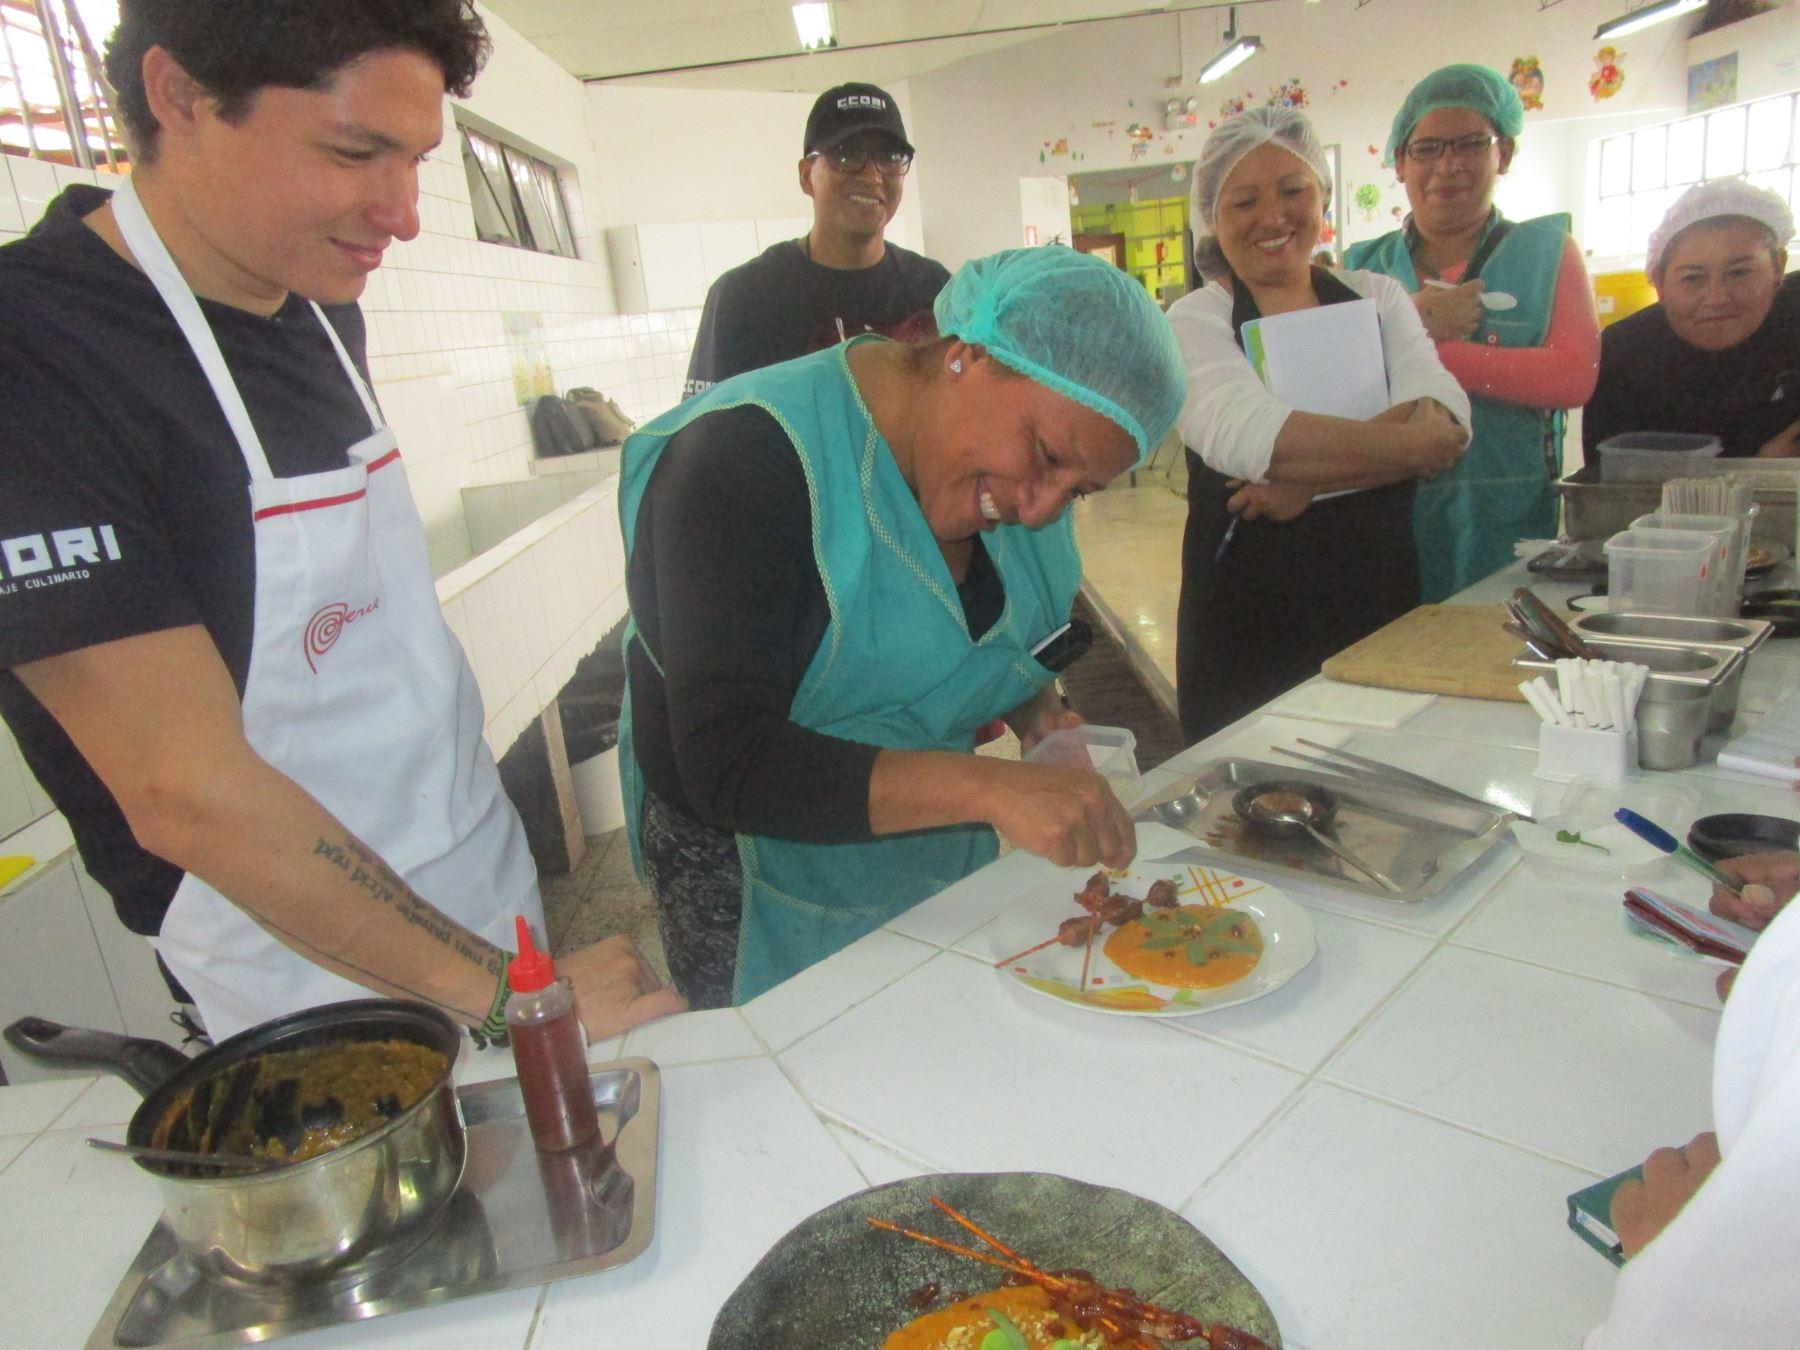 Internas de penal en Chorrillos aprendieron el arte culinario del chef Palmiro Ocampo. Foto: ANDINA/Difusión.